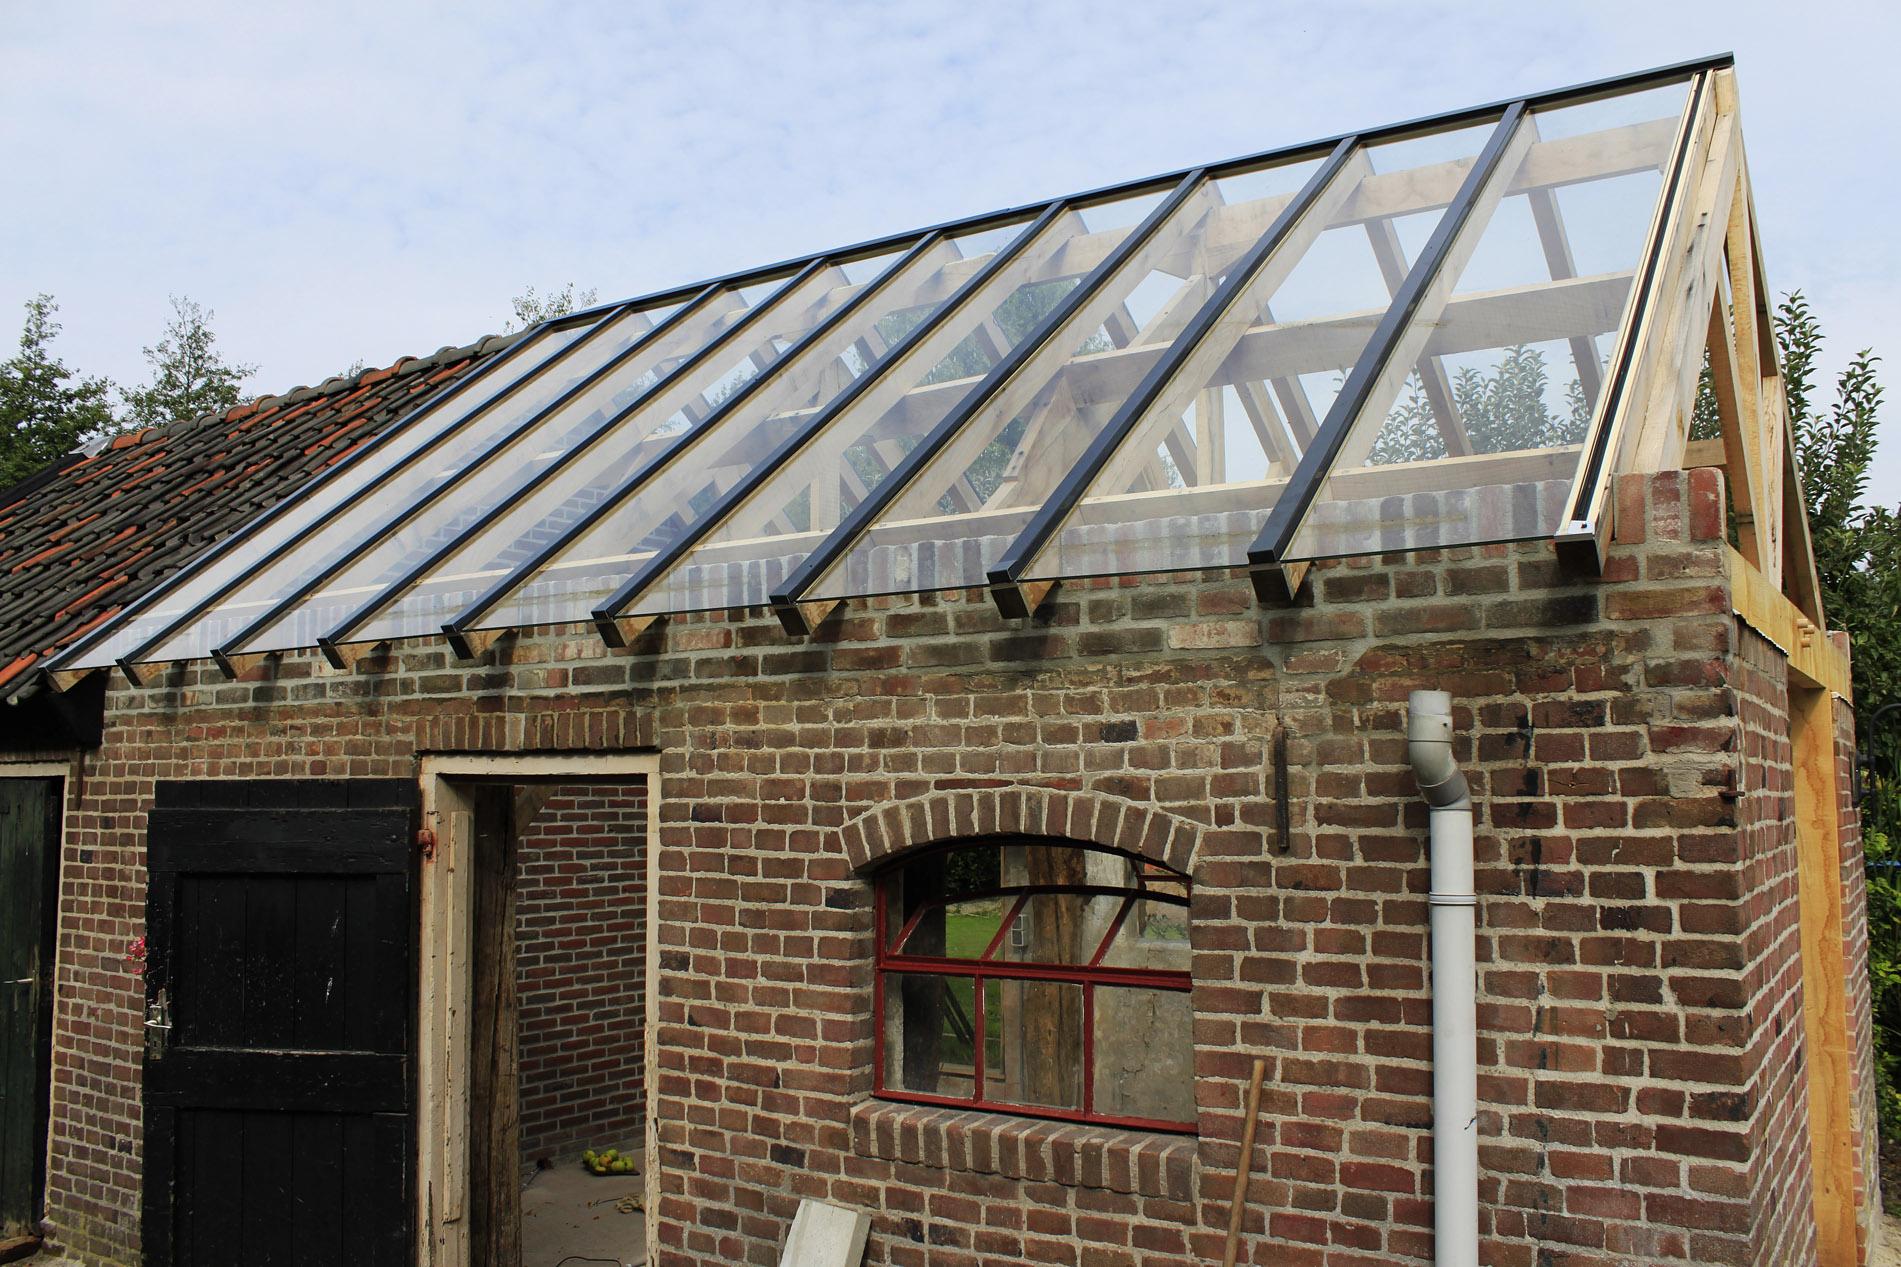 Glasbedrijf Smits - Glazen dak op boerderij Lieshout